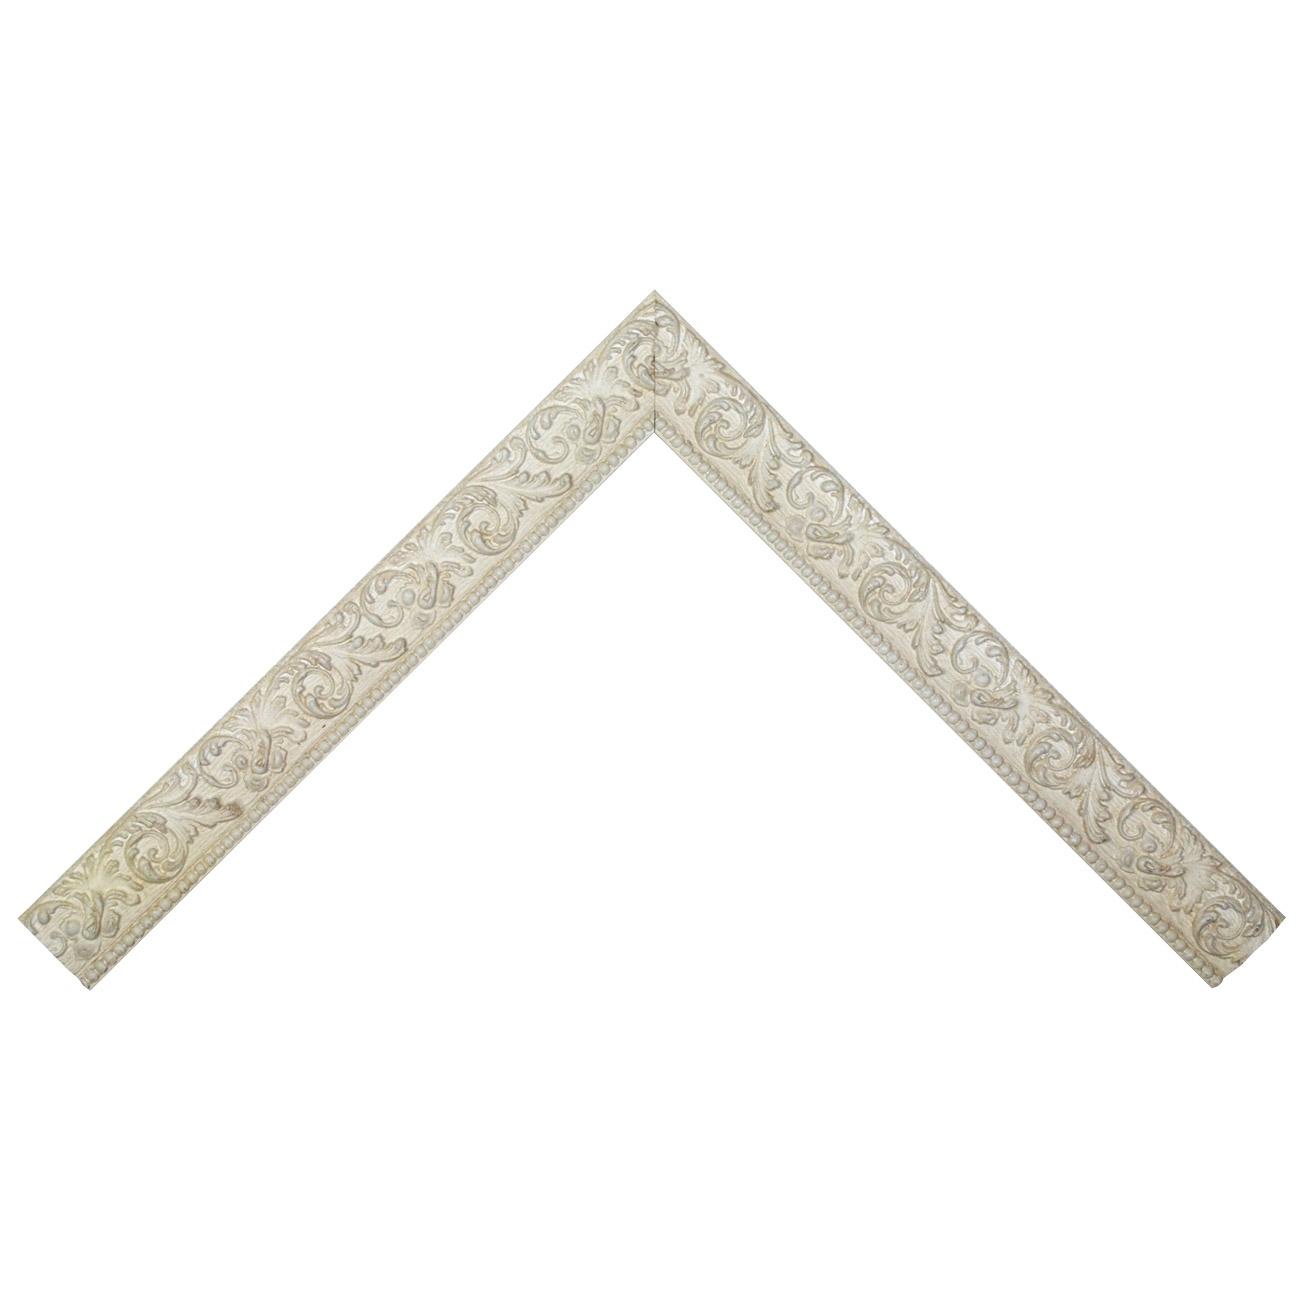 Baguette bois profil plat largeur 3.9cm couleur blanc antique motif rosace filet perle